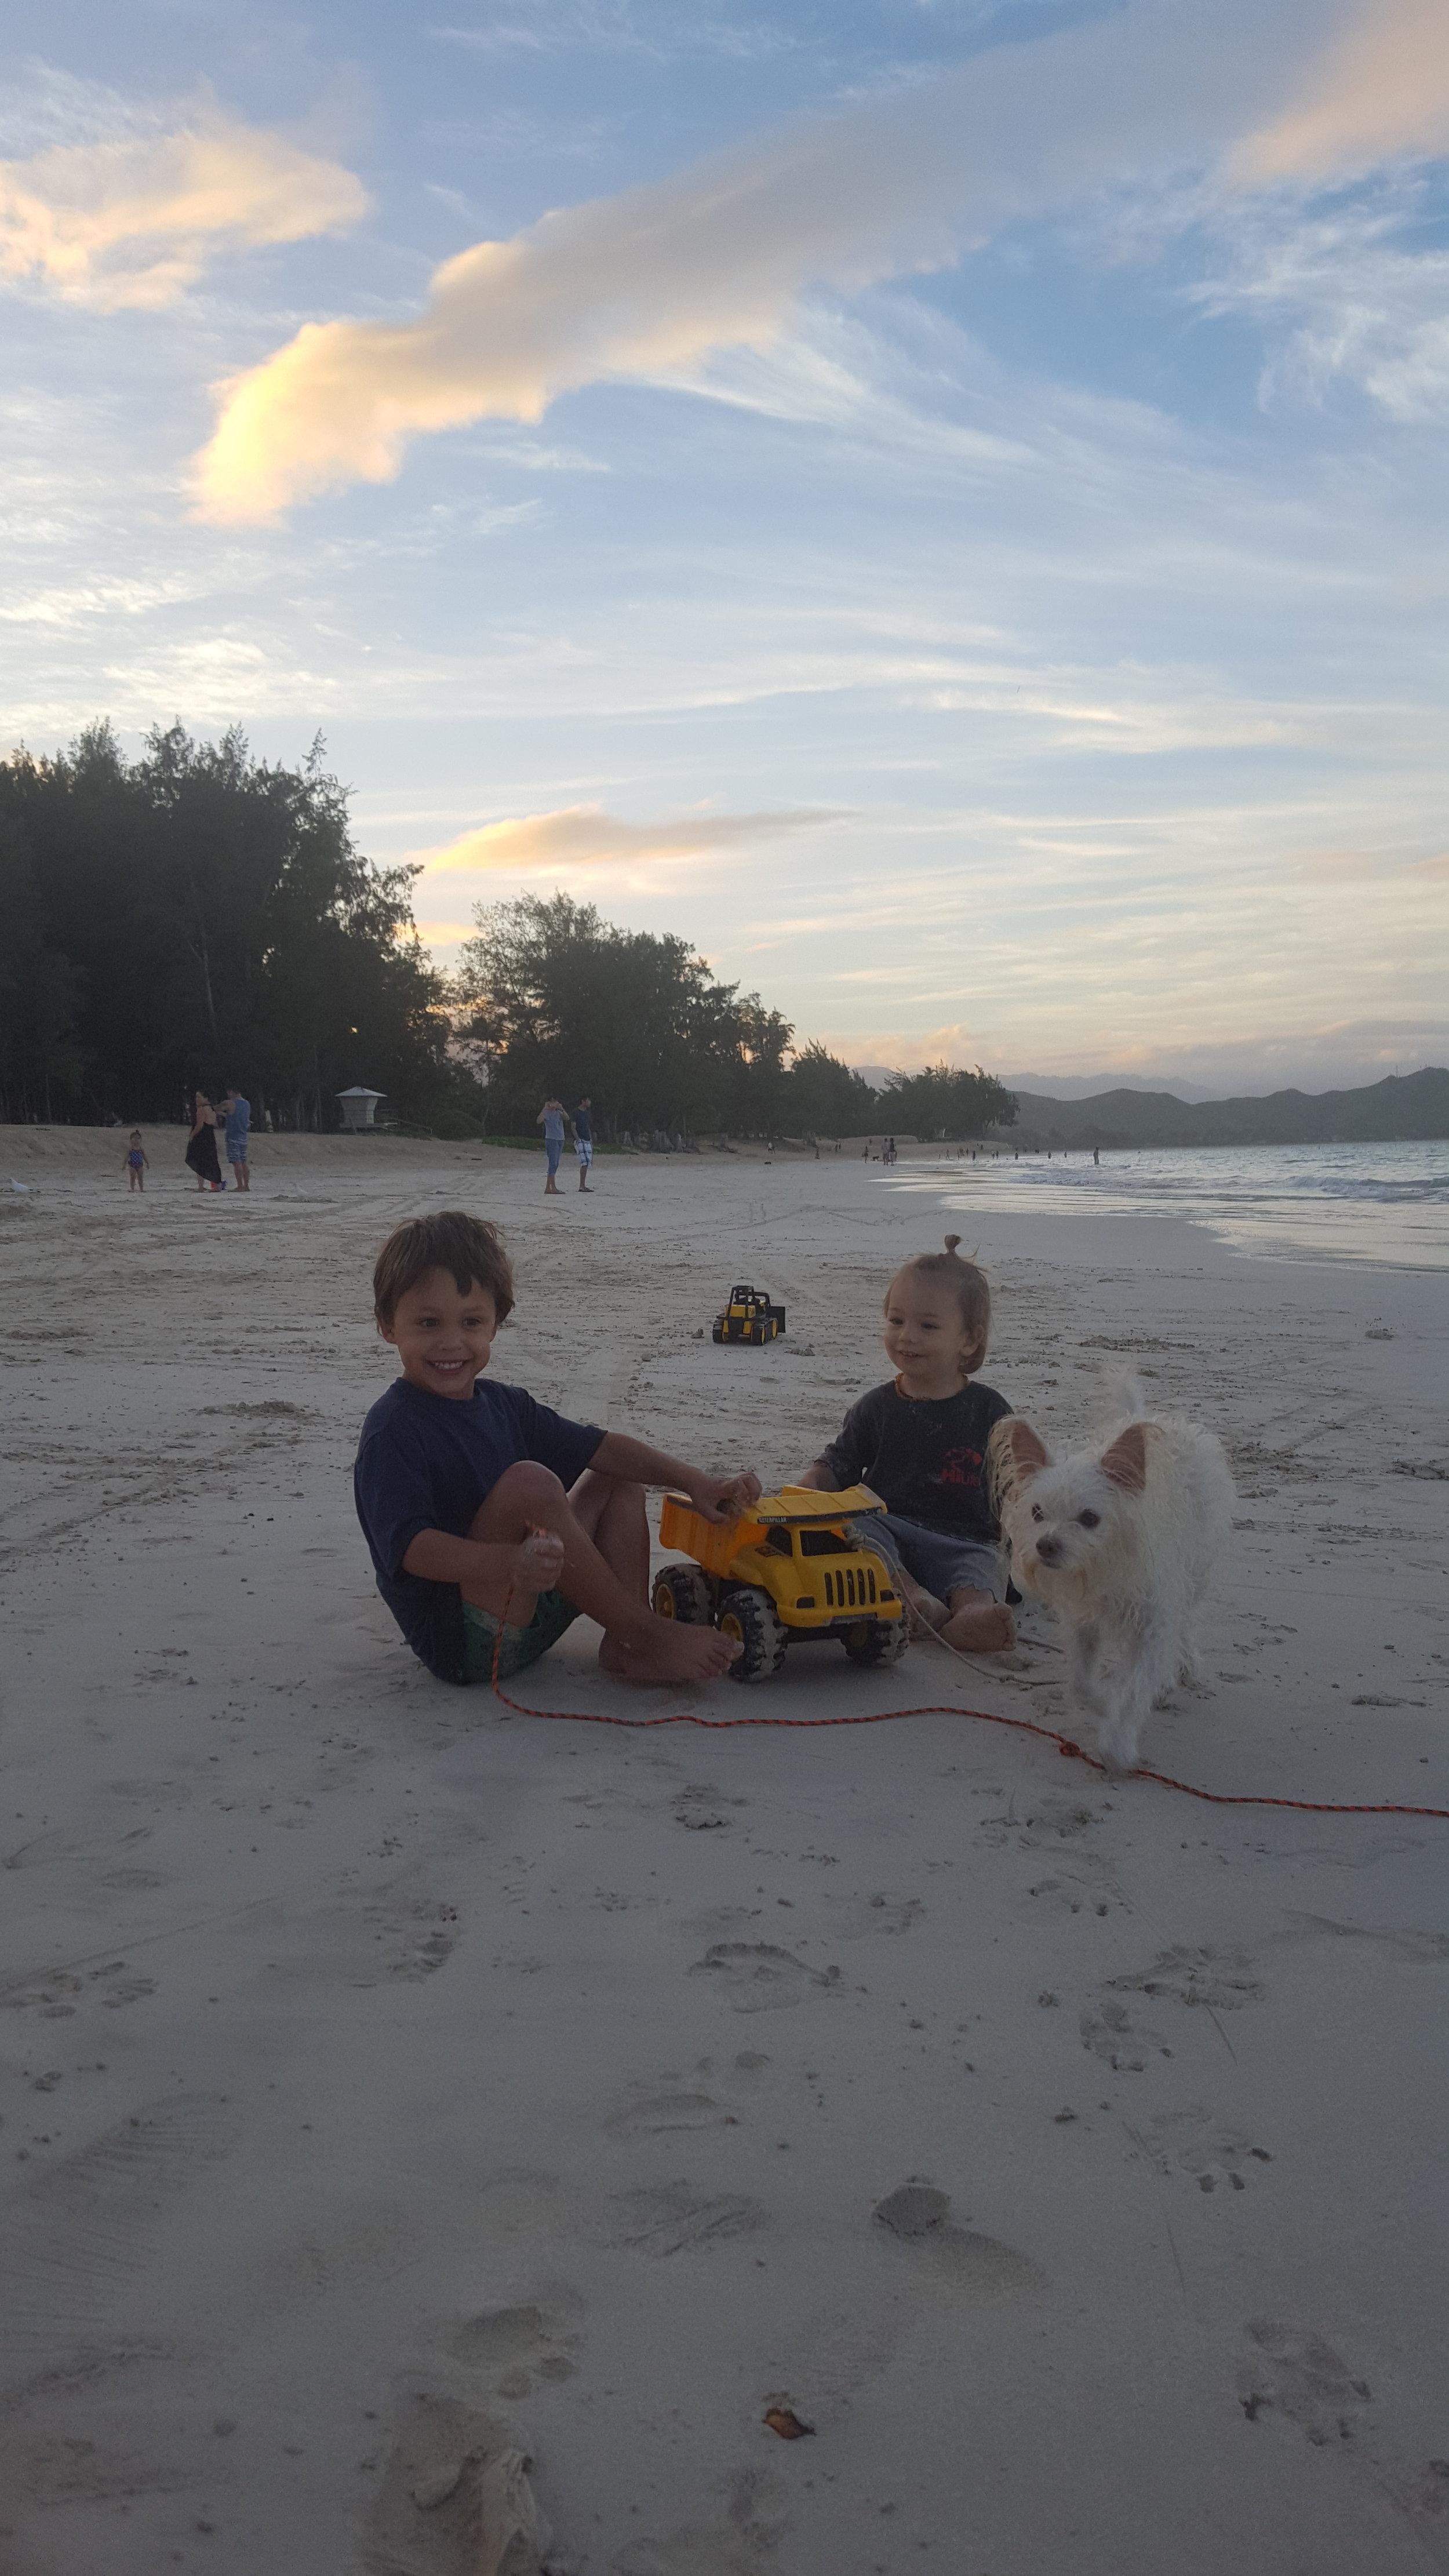 Bennett, Elijah, and Critter the dog.